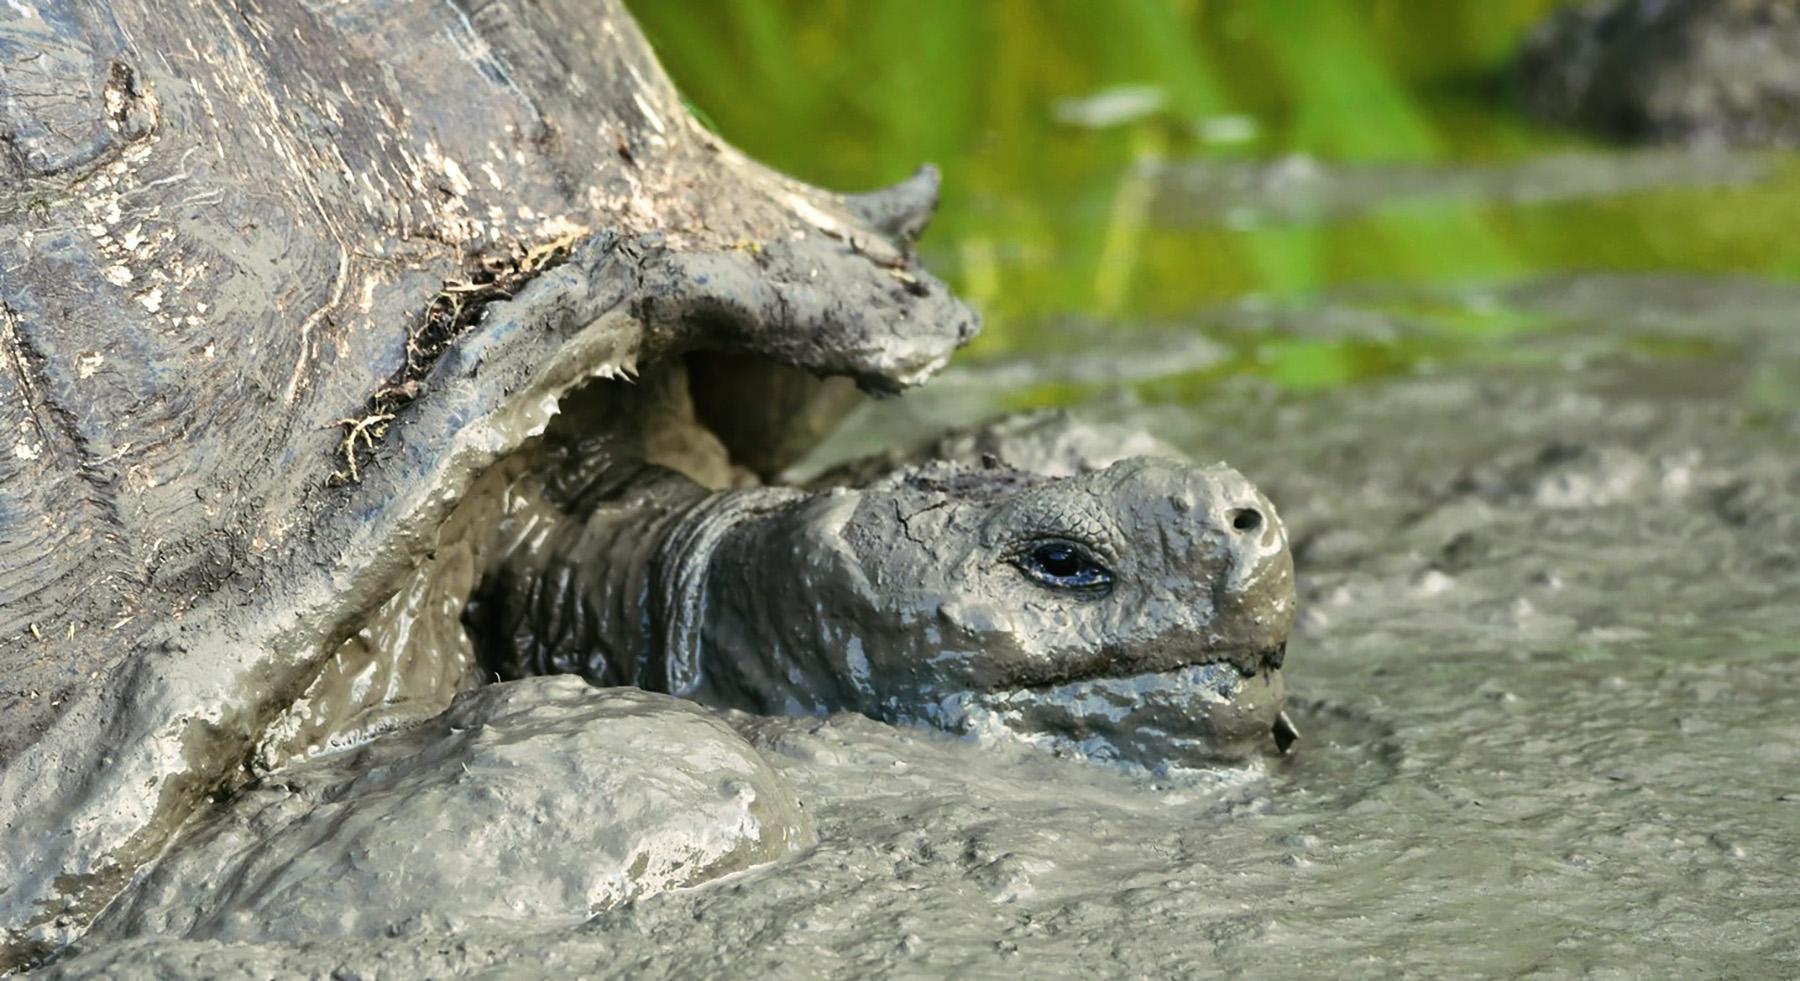 Muddy tortoise.